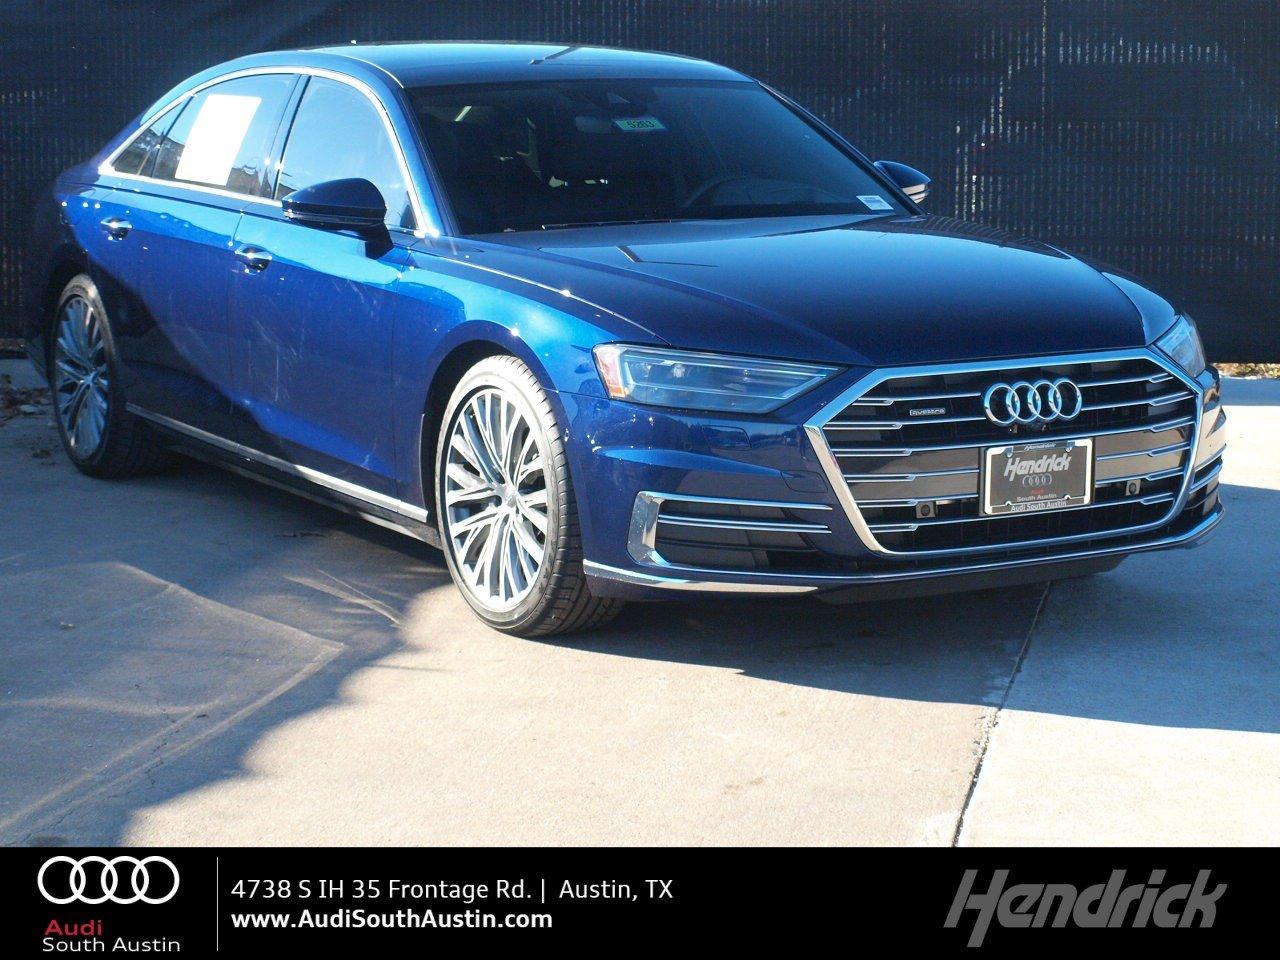 2019 Audi A8 4DR SDN 3.0 TFSI Sedan